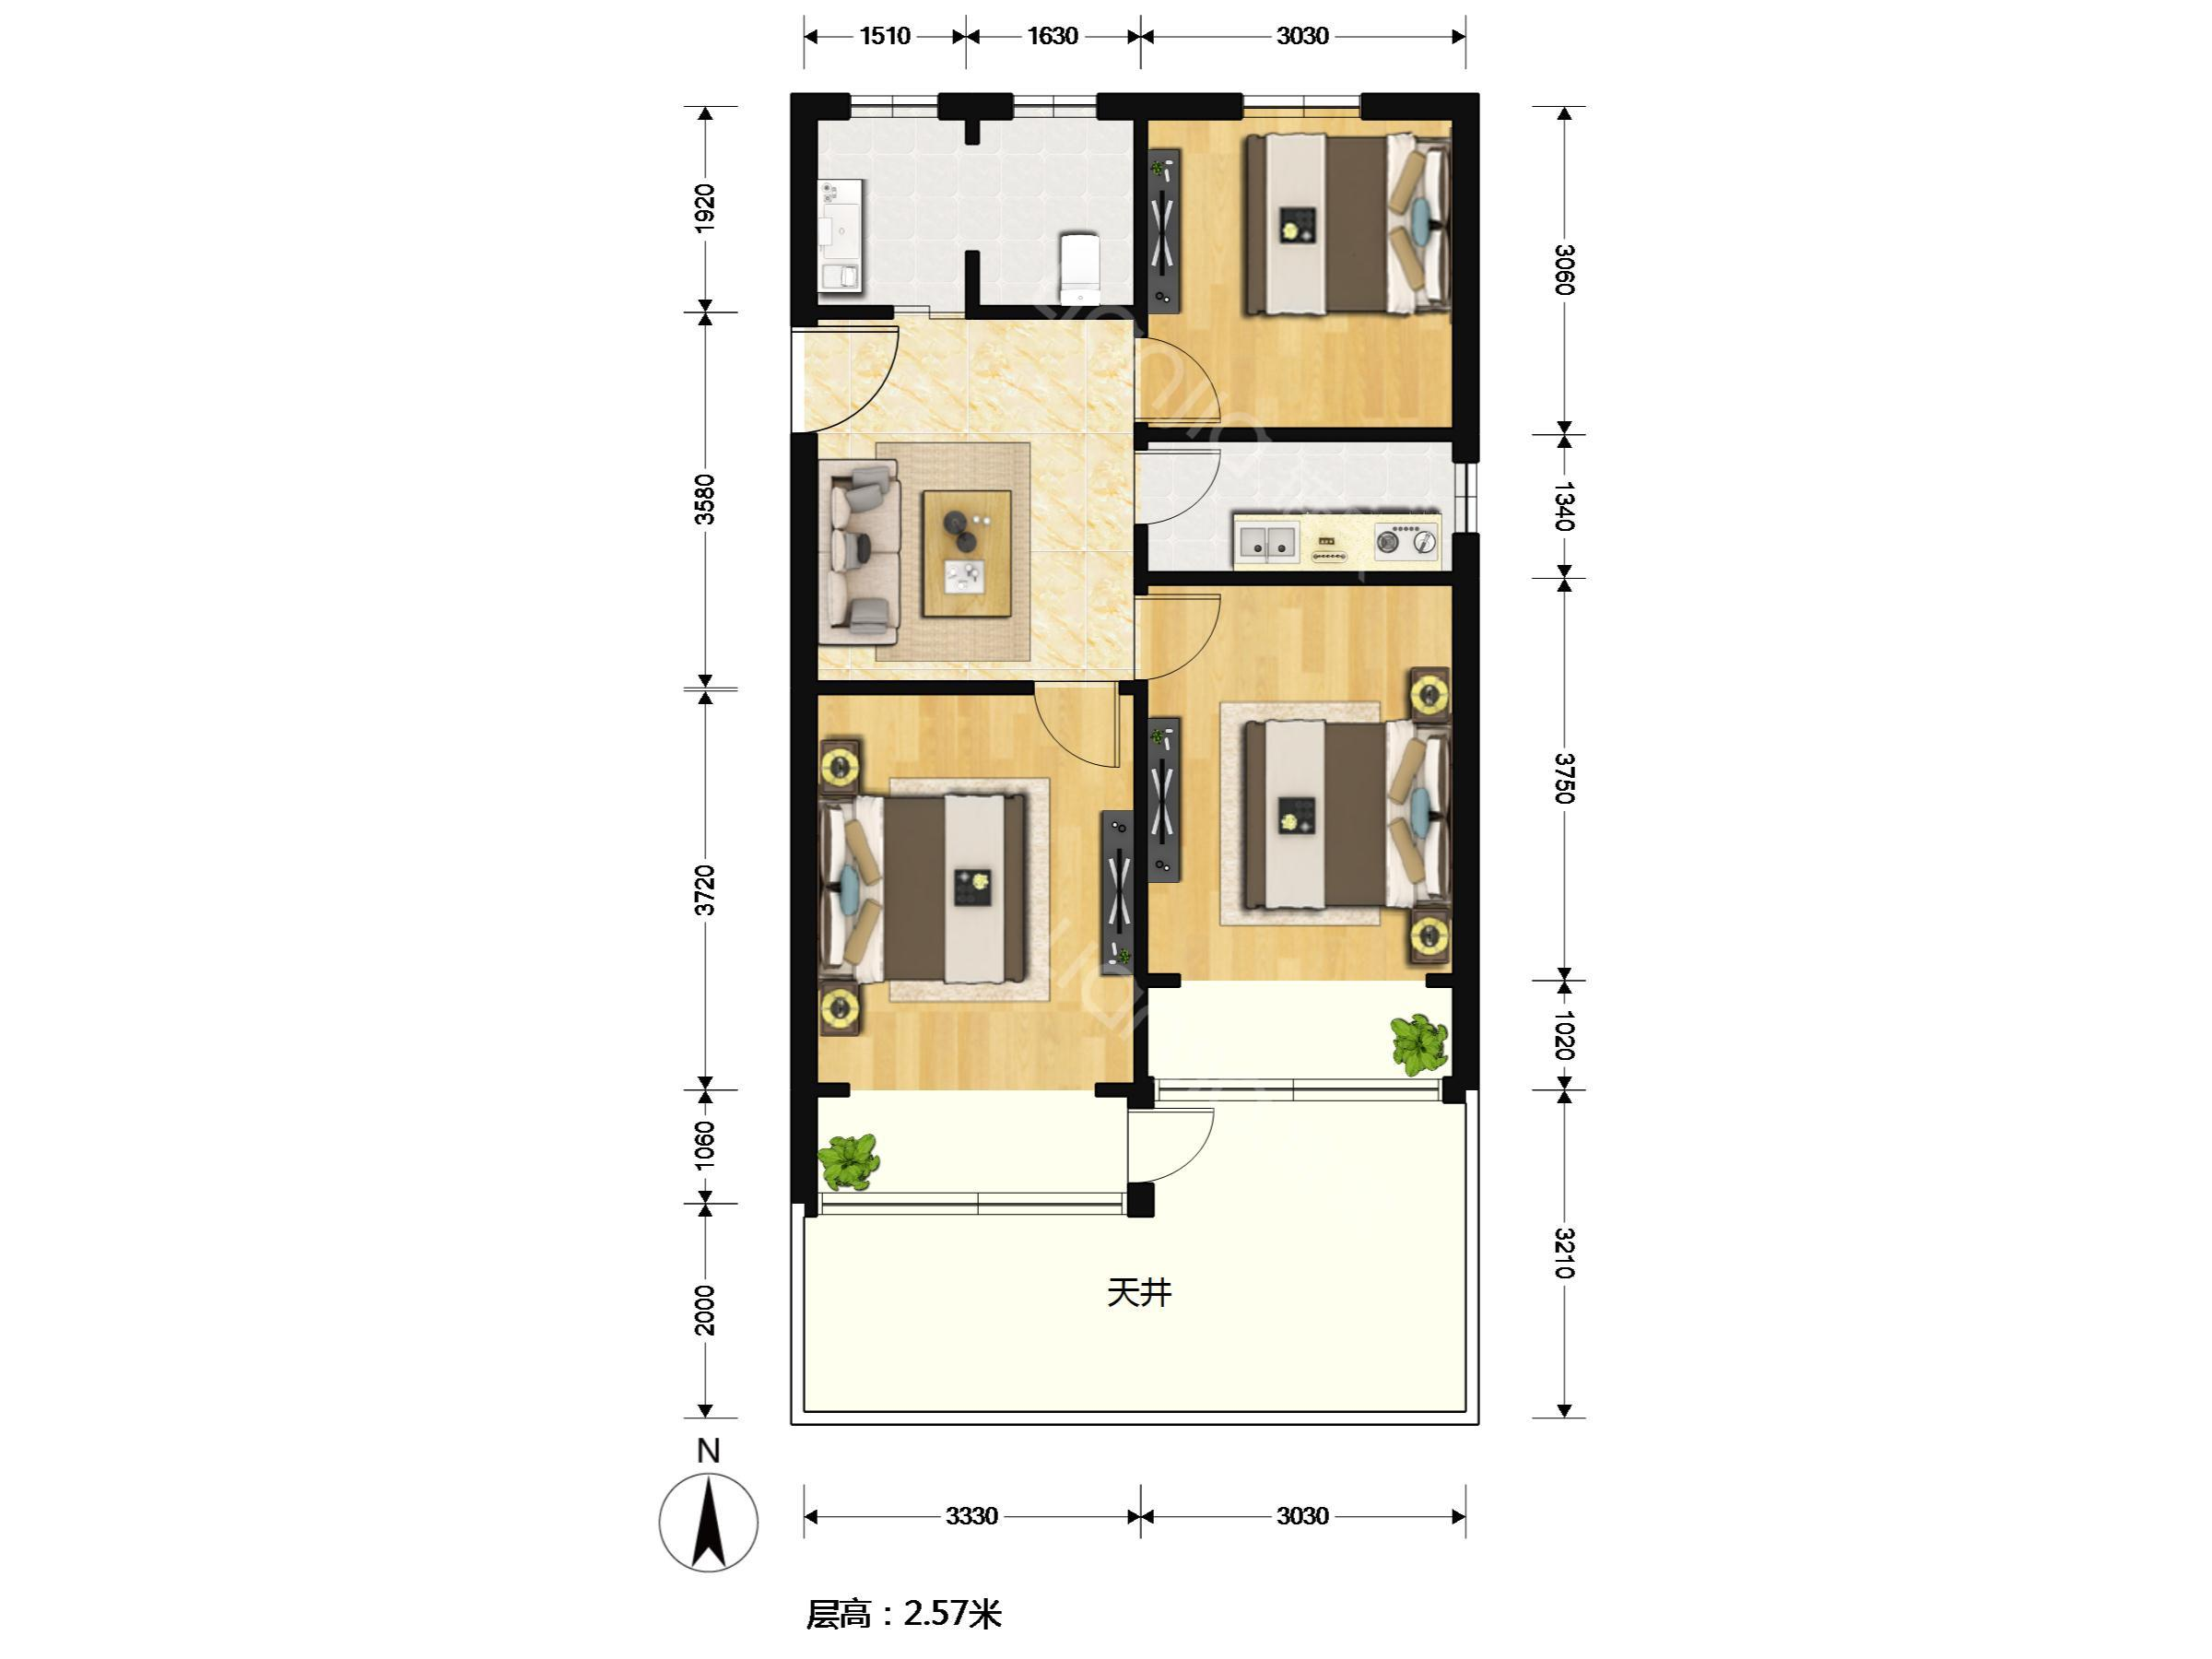 别墅卫生间平面设计图展示